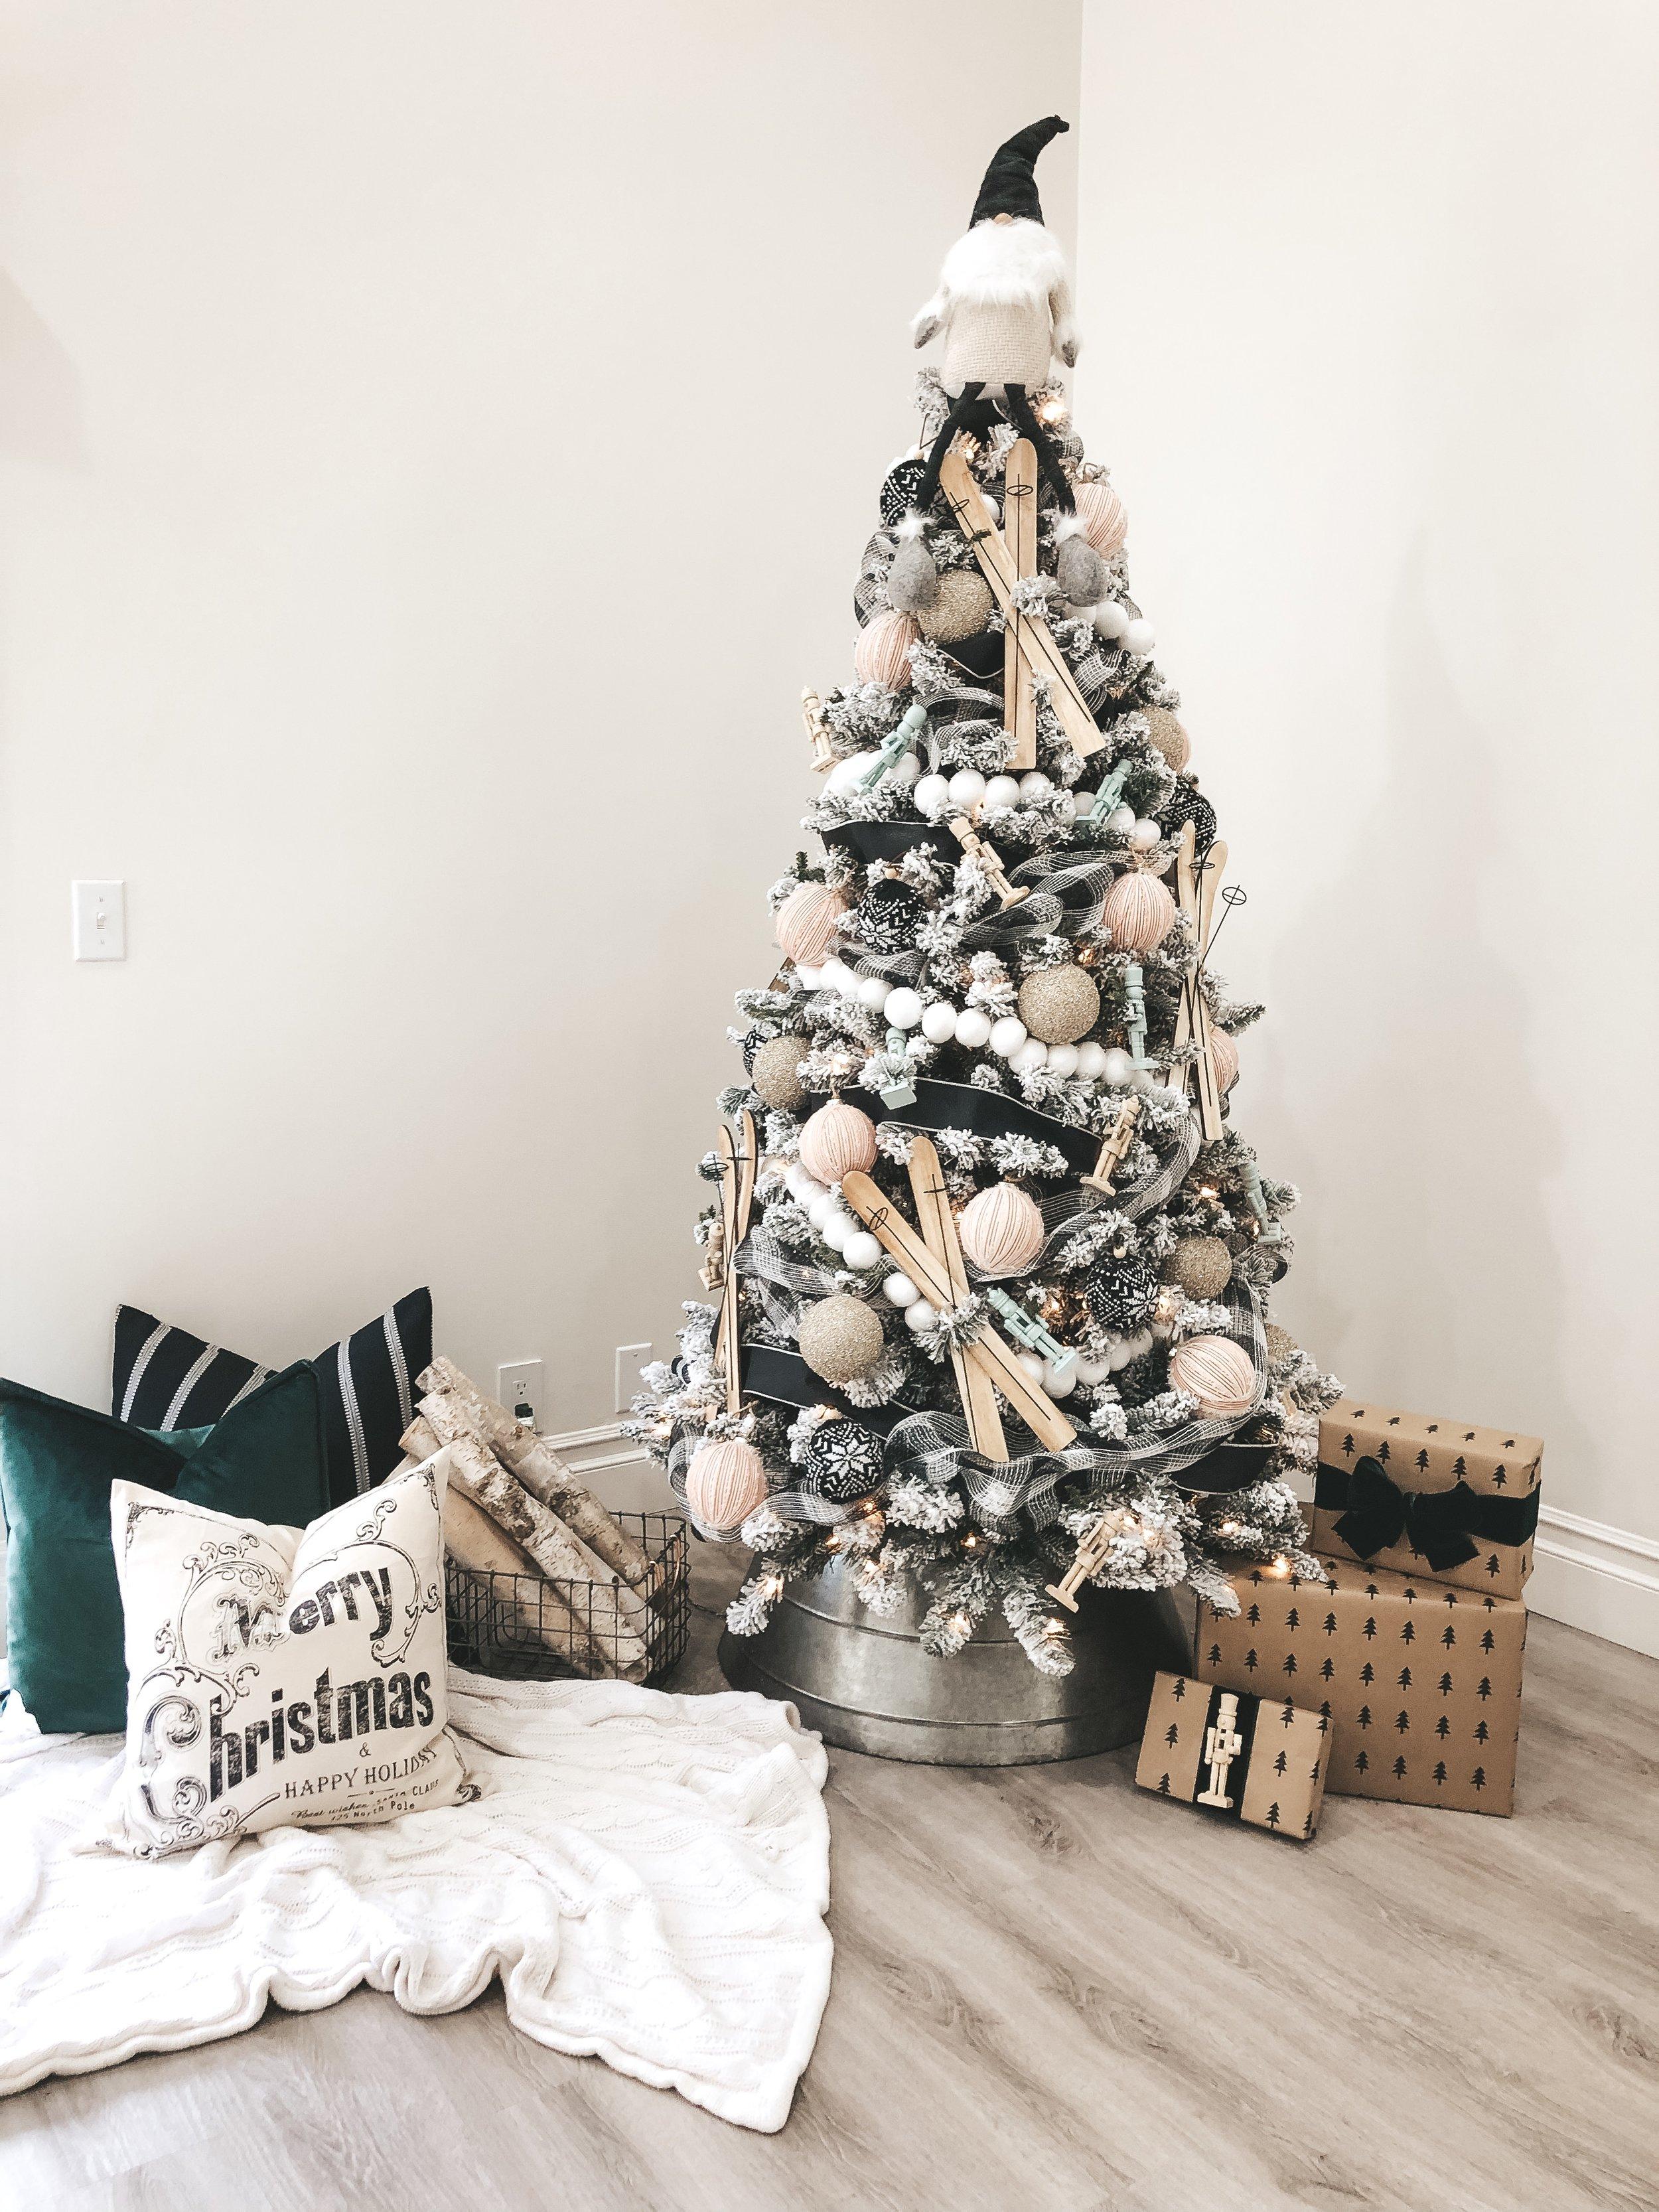 Christmas 2019 Our Modern Holiday Home Decor Me And Mr Jones